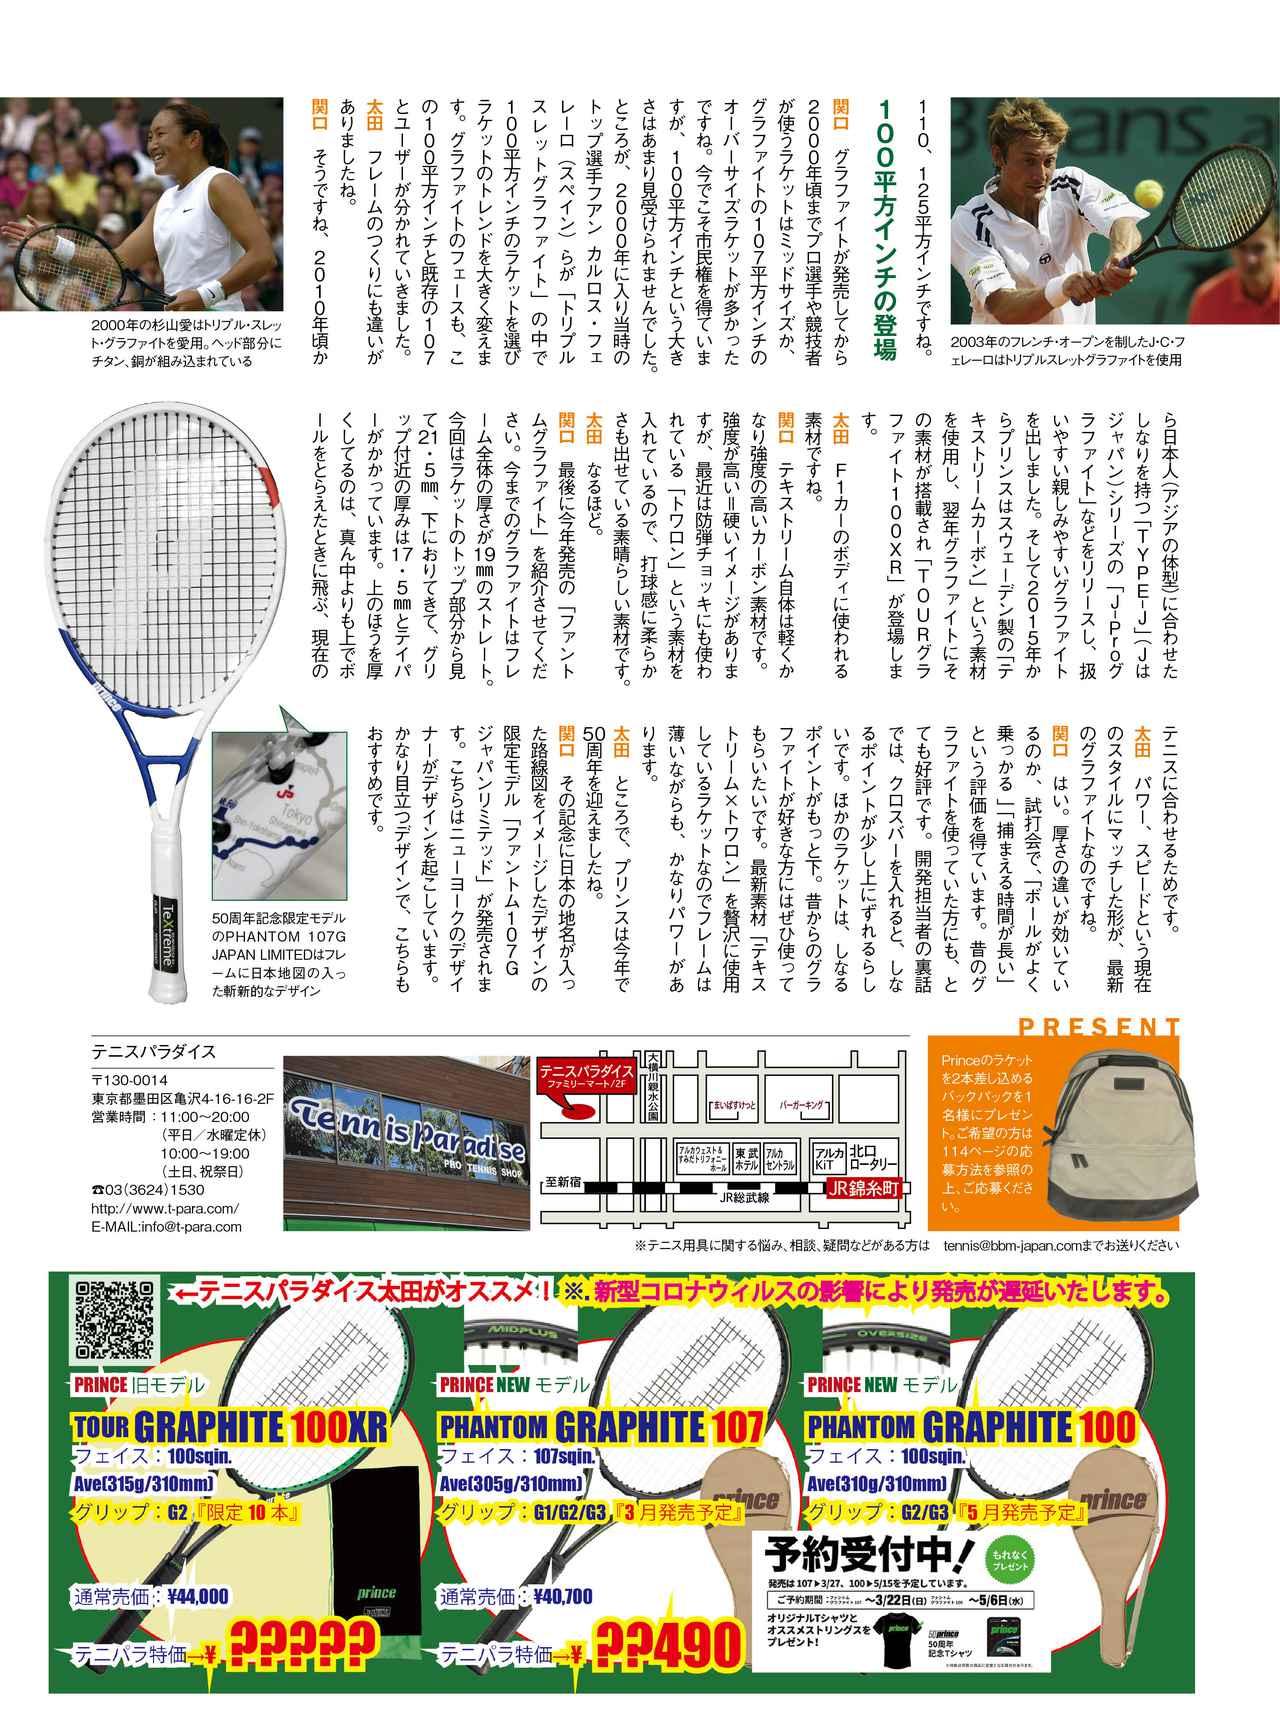 パラダイス テニス